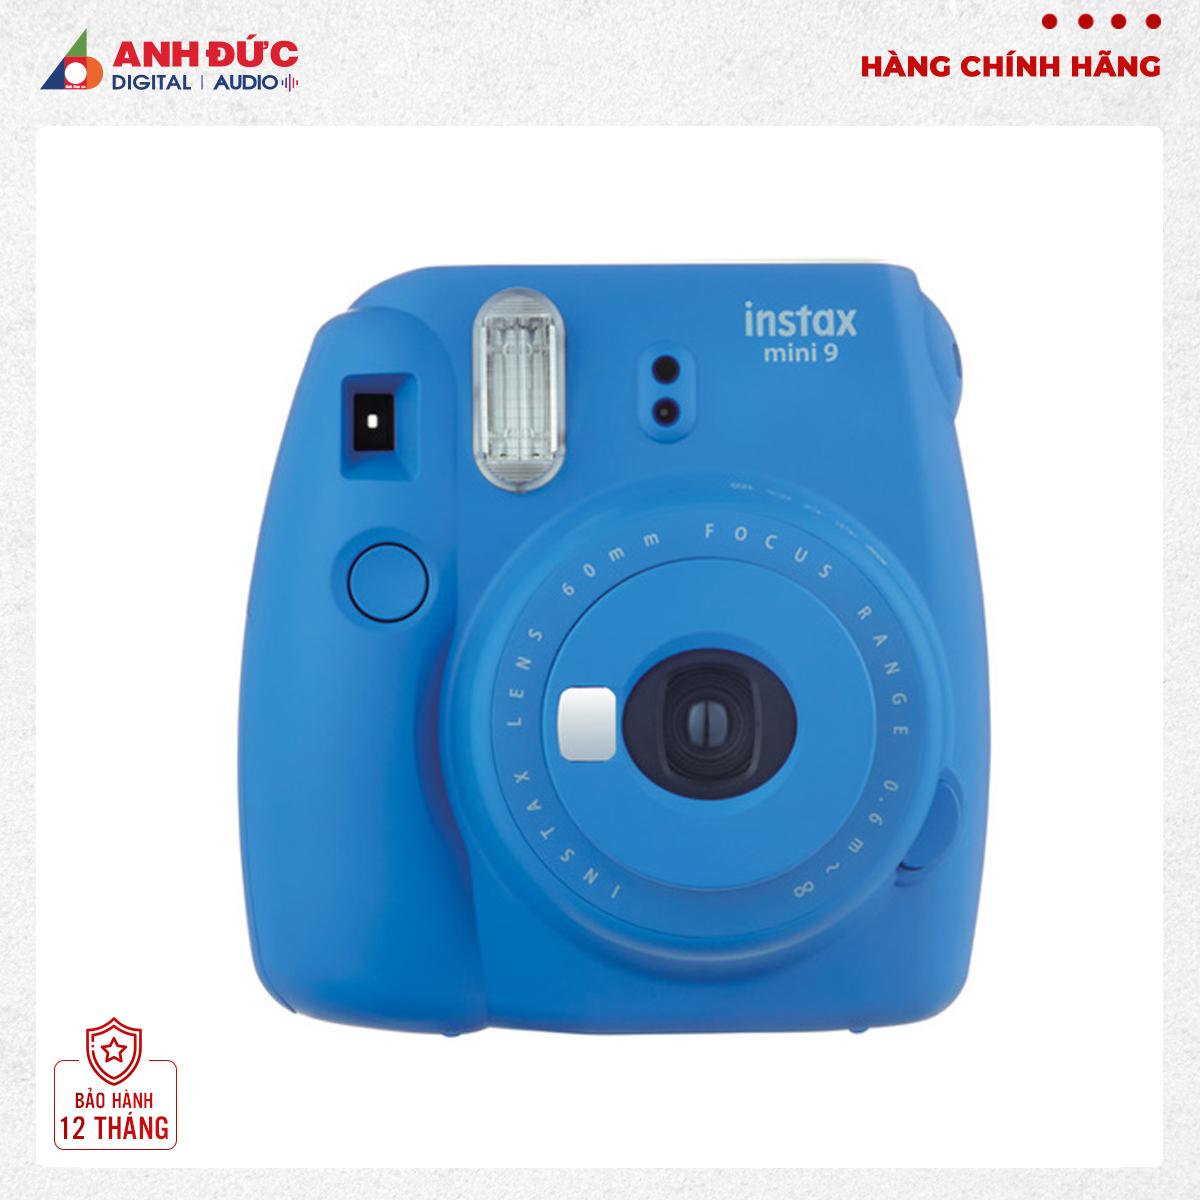 Fujifilm Instax Mini 9-Máy ảnh Selfie Lấy Liền Giá Quá Ưu Đãi